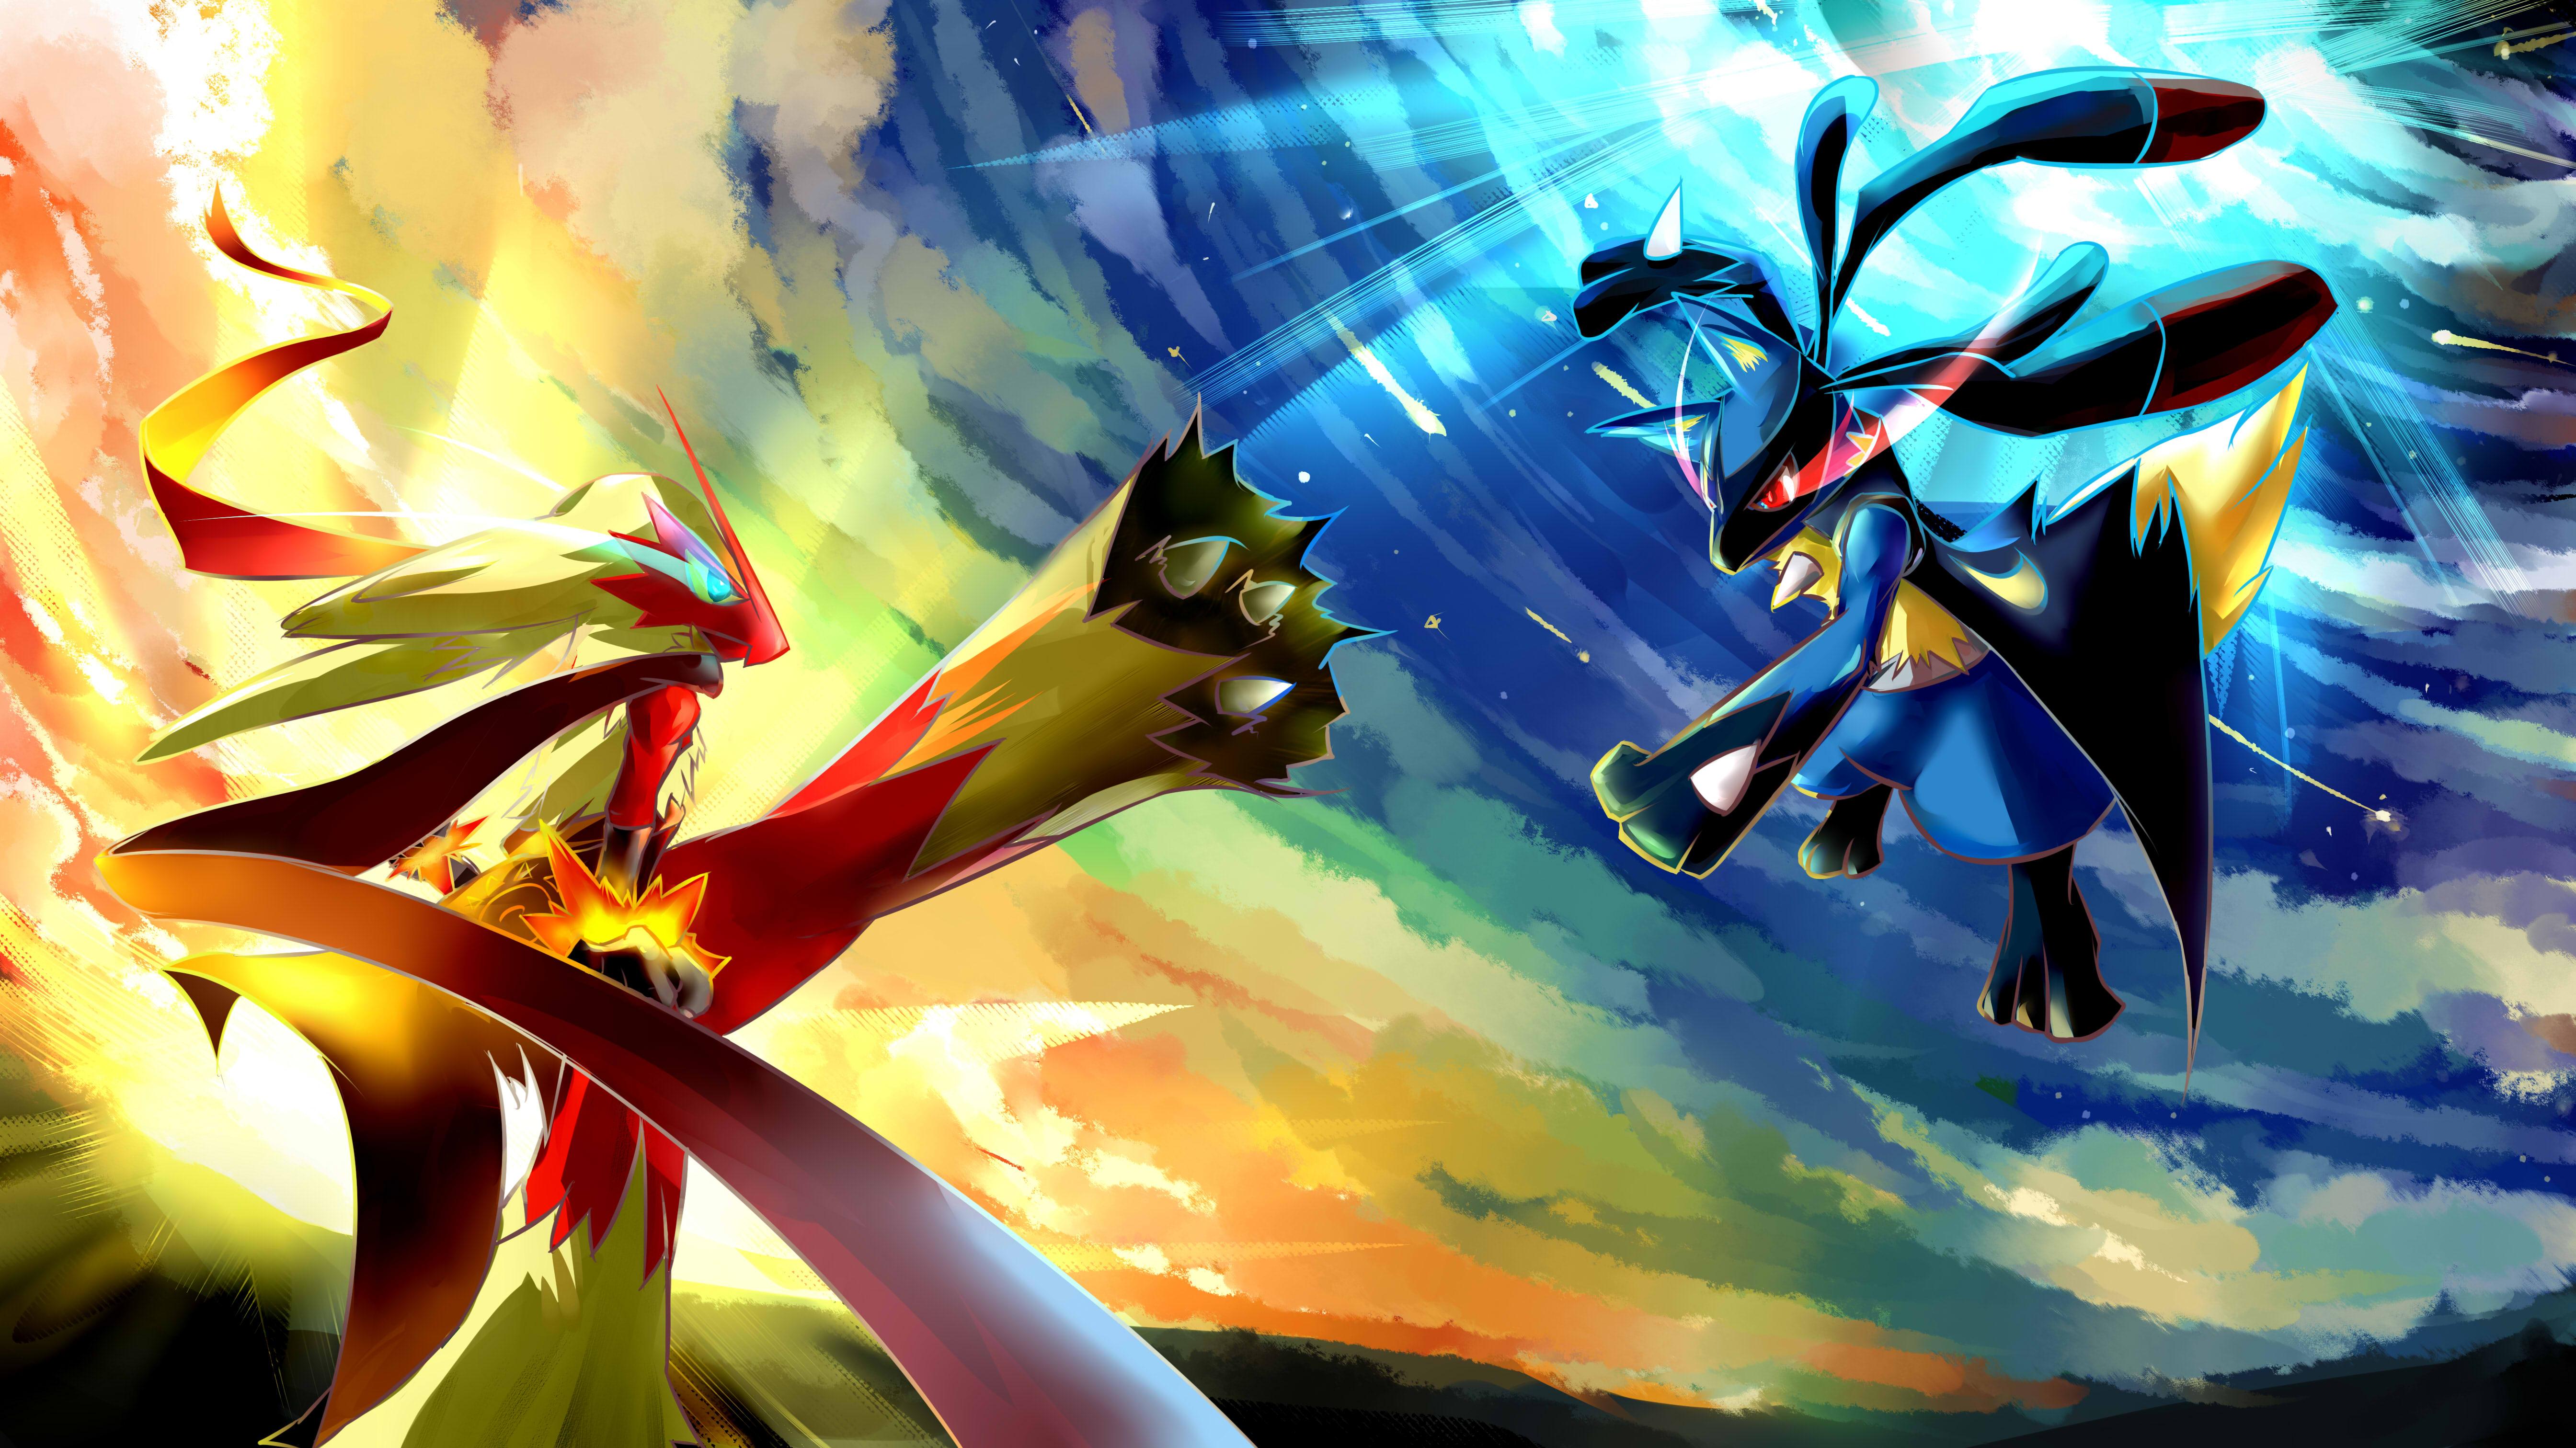 Pokemon Backgrounds for desktop 5377x3023